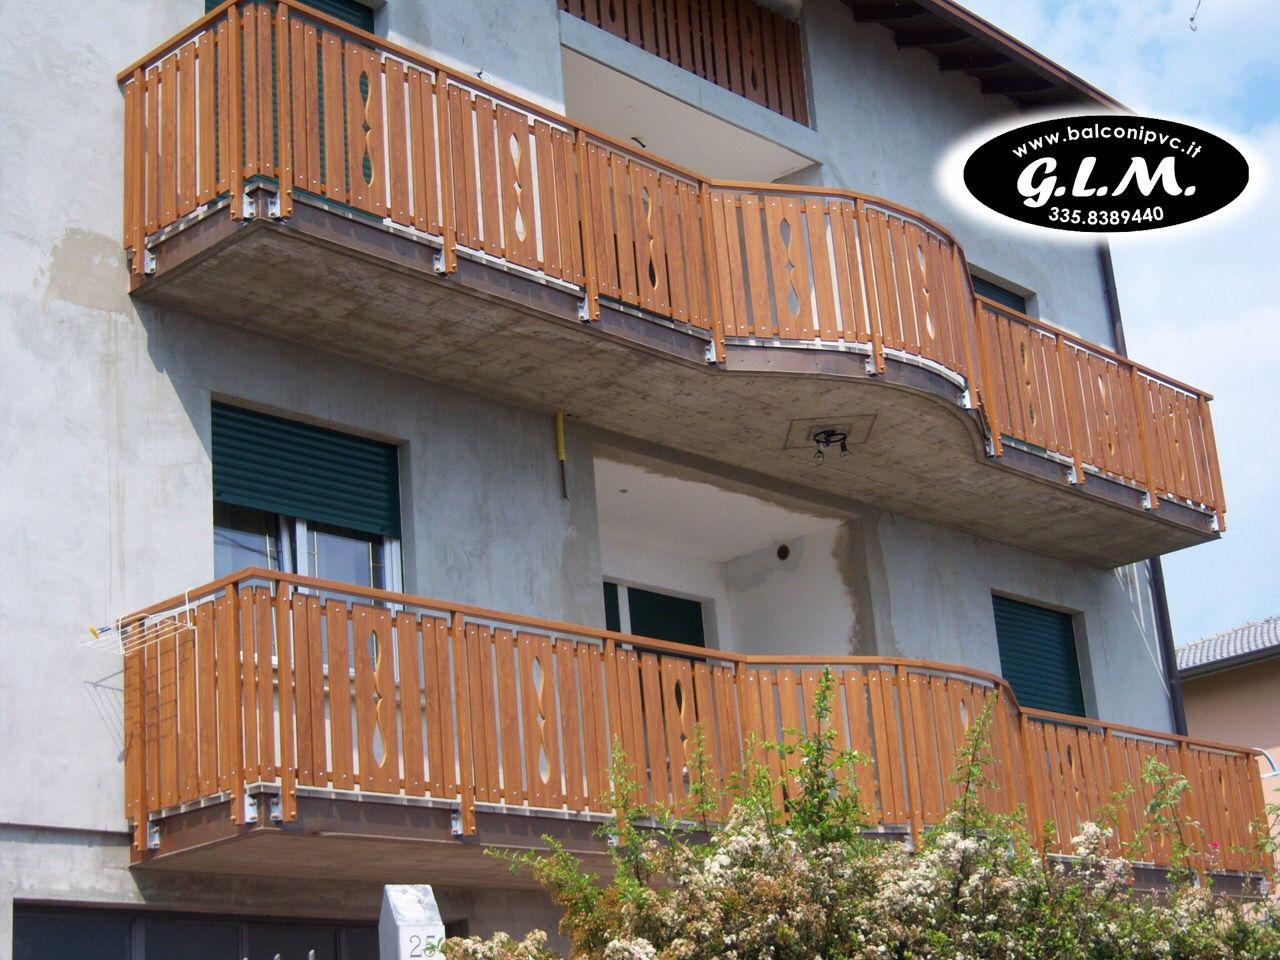 Bossico Steccati, Legno e Balconi